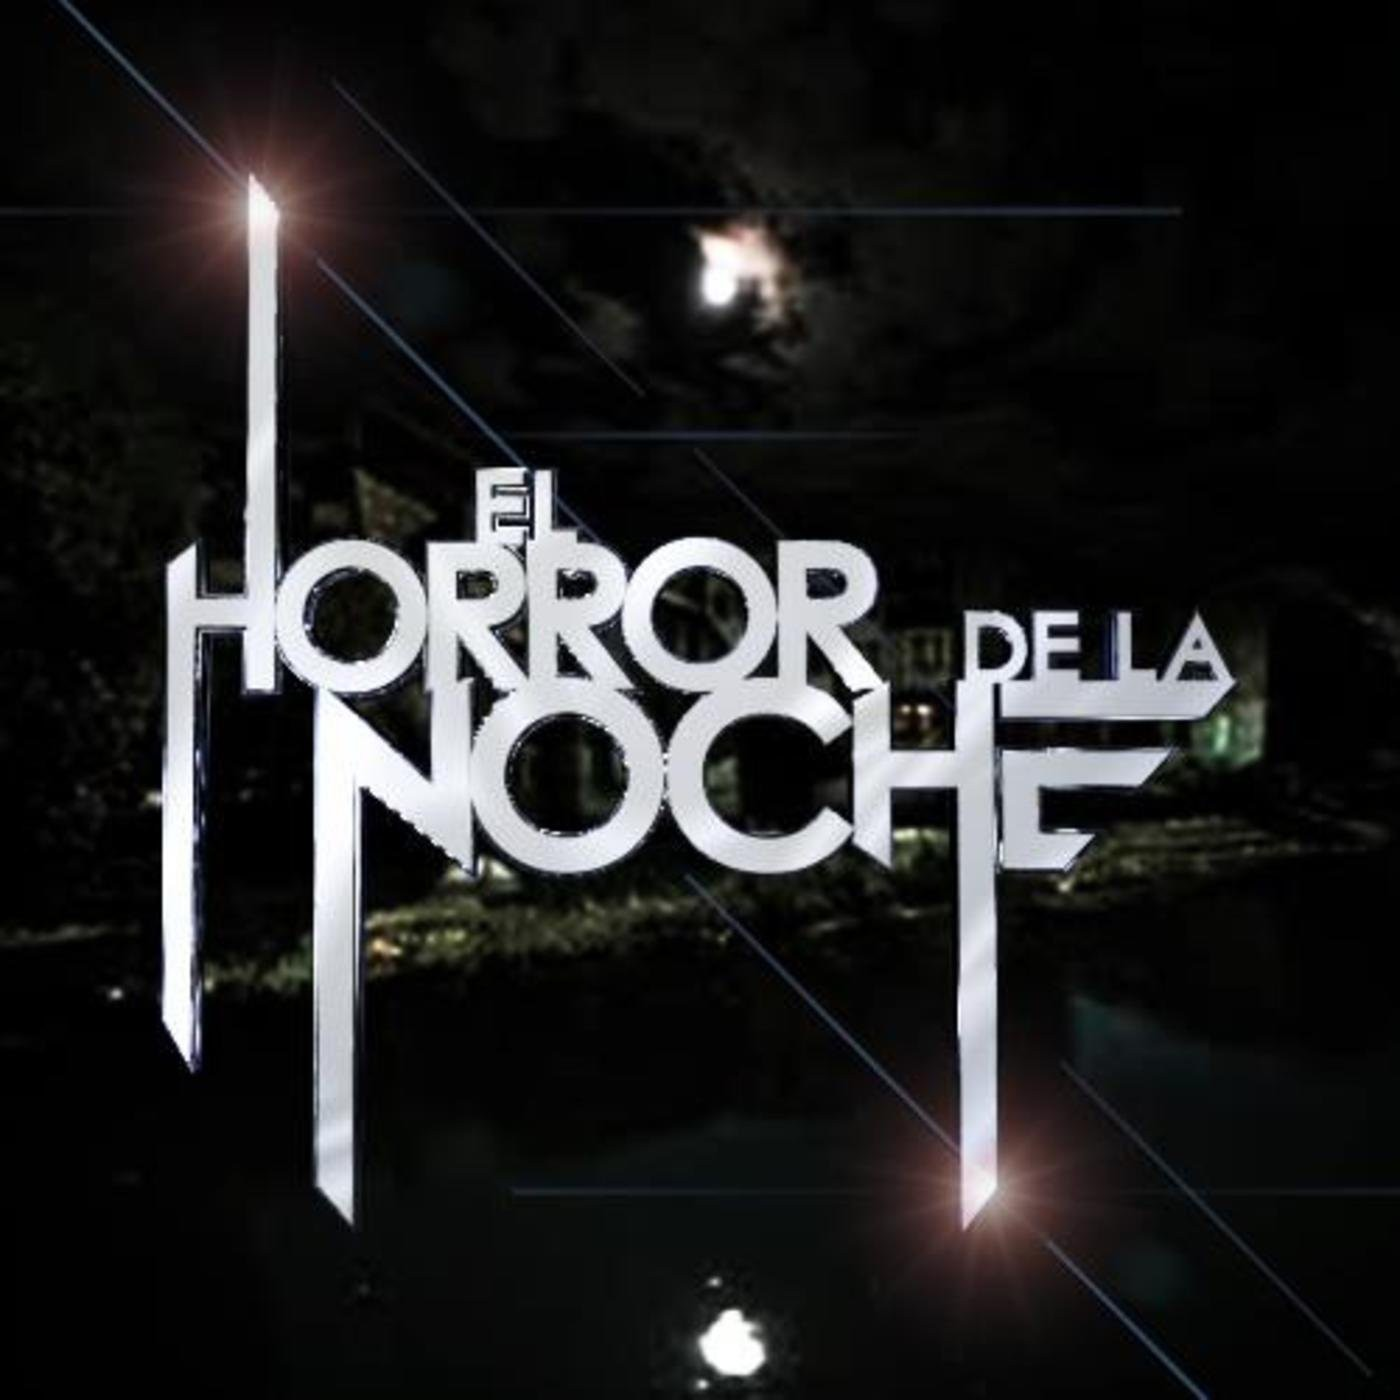 Horror De La Noche lunes 1196-10-2020